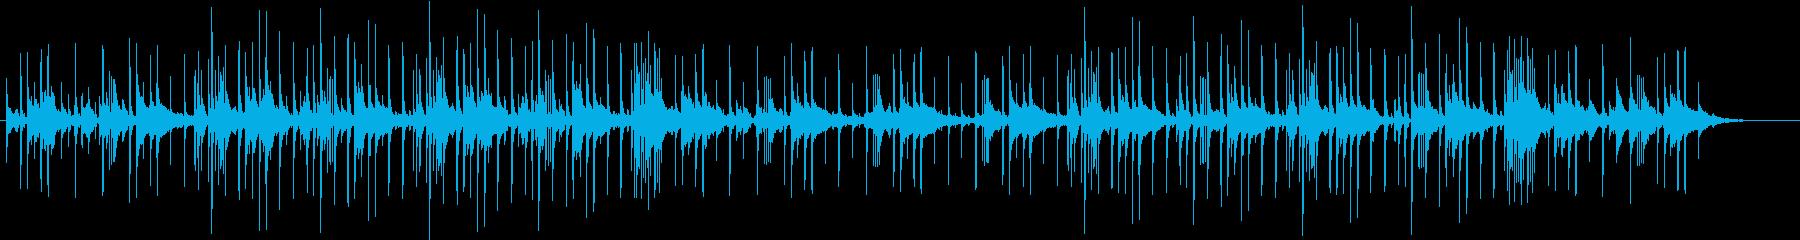 シックなPfメロをリミックス風にした曲の再生済みの波形